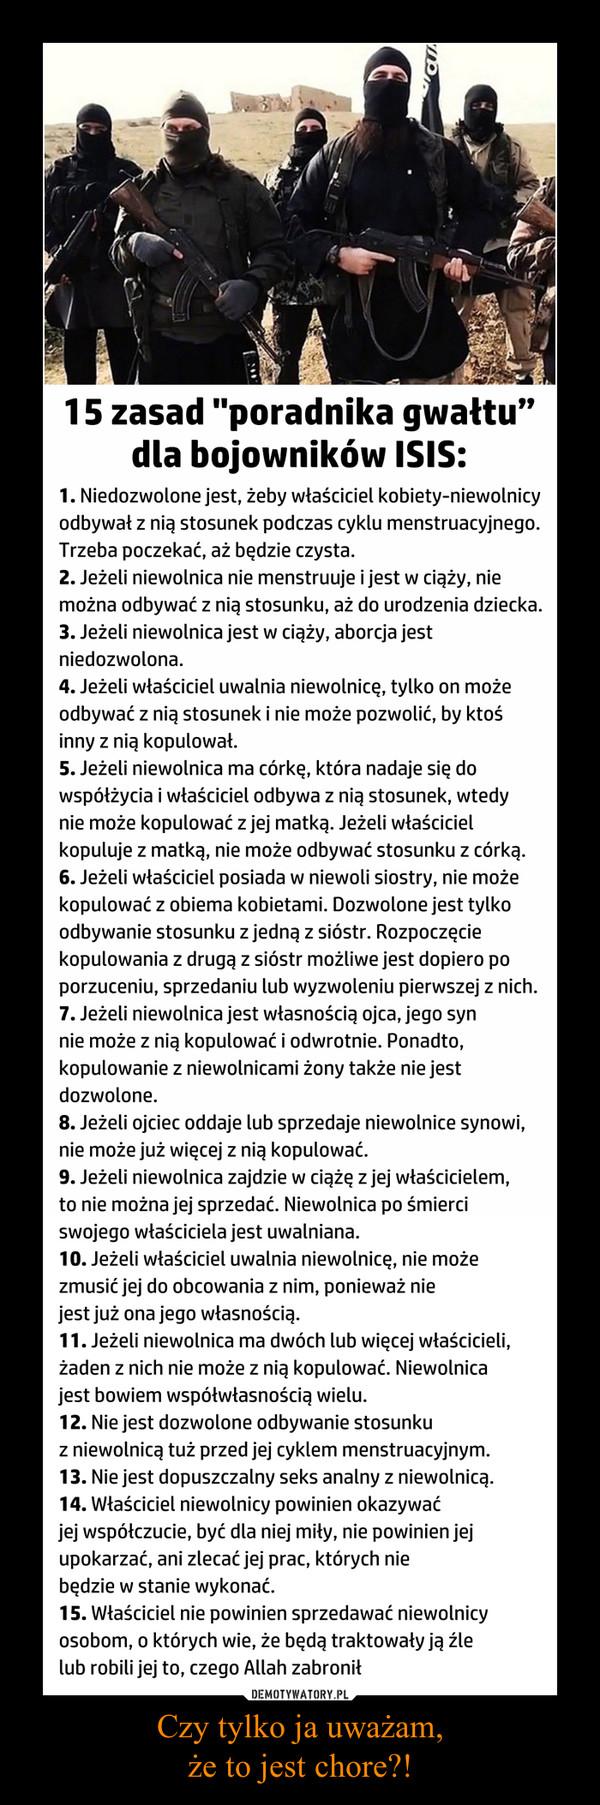 """Czy tylko ja uważam,że to jest chore?! –  15 zasad """"poradnika gwałtu"""" dla bojowników ISIS:1. Niedozwolone jest, żeby właściciel kobiety-niewolnicy odbywał z nią stosunek podczas cyklu menstruacyjnego. Trzeba poczekać, aż będzie czysta.2. Jeżeli niewolnica nie menstruuje i jest w ciąży, nie można odbywać z nią stosunku, aż do urodzenia dziecka.3. Jeżeli niewolnica jest w ciąży, aborcja jest niedozwolona.4. Jeżeli właściciel uwalnia niewolnicę, tylko on może odbywać z nią stosunek i nie może pozwolić, by ktoś inny z nią kopulował.5. Jeżeli niewolnica ma córkę, która nadaje się do współżycia i właściciel odbywa z nią stosunek, wtedy nie może kopulować z jej matką. Jeżeli właściciel kopuluje z matką, nie może odbywać stosunku z córką.6. Jeżeli właściciel posiada w niewoli siostry, nie może kopulować z obiema kobietami. Dozwolone jest tylko odbywanie stosunku z jedną z sióstr. Rozpoczęcie kopulowania z drugą z sióstr możliwe jest dopiero po porzuceniu, sprzedaniu lub wyzwoleniu pierwszej z nich.7. Jeżeli niewolnica jest własnością ojca, jego syn nie może z nią kopulować i odwrotnie. Ponadto, kopulowanie z niewolnicami żony także nie jest dozwolone.8. Jeżeli ojciec oddaje lub sprzedaje niewolnice synowi, nie może już więcej z nią kopulować.9. Jeżeli niewolnica zajdzie w ciążę z jej właścicielem, to nie można jej sprzedać. Niewolnica po śmierci swojego właściciela jest uwalniana.10. Jeżeli właściciel uwalnia niewolnicę, nie może zmusić jej do obcowania z nim, ponieważ nie jest już ona jego własnością.11. Jeżeli niewolnica ma dwóch lub więcej właścicieli, żaden z nich nie może z nią kopulować. Niewolnica jest bowiem współwłasnością wielu.12. Nie jest dozwolone odbywanie stosunku z niewolnicą tuż przed jej cyklem menstruacyjnym.13. Nie jest dopuszczalny seks analny z niewolnicą.14. Właściciel niewolnicy powinien okazywać jej współczucie, być dla niej miły, nie powinien jej upokarzać, ani zlecać jej prac, których nie będzie w stanie wykonać.15. Właściciel nie powinien sprzeda"""